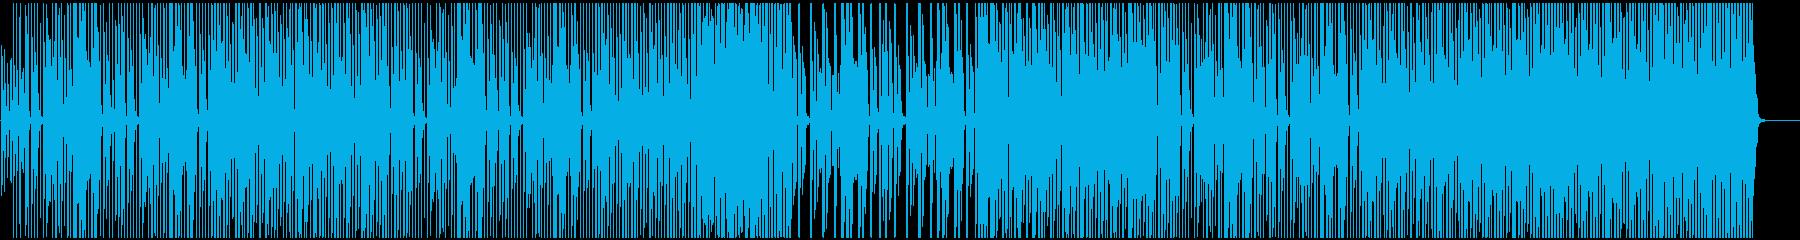 レゲエ調でクラシカルなおどけたほのぼの系の再生済みの波形